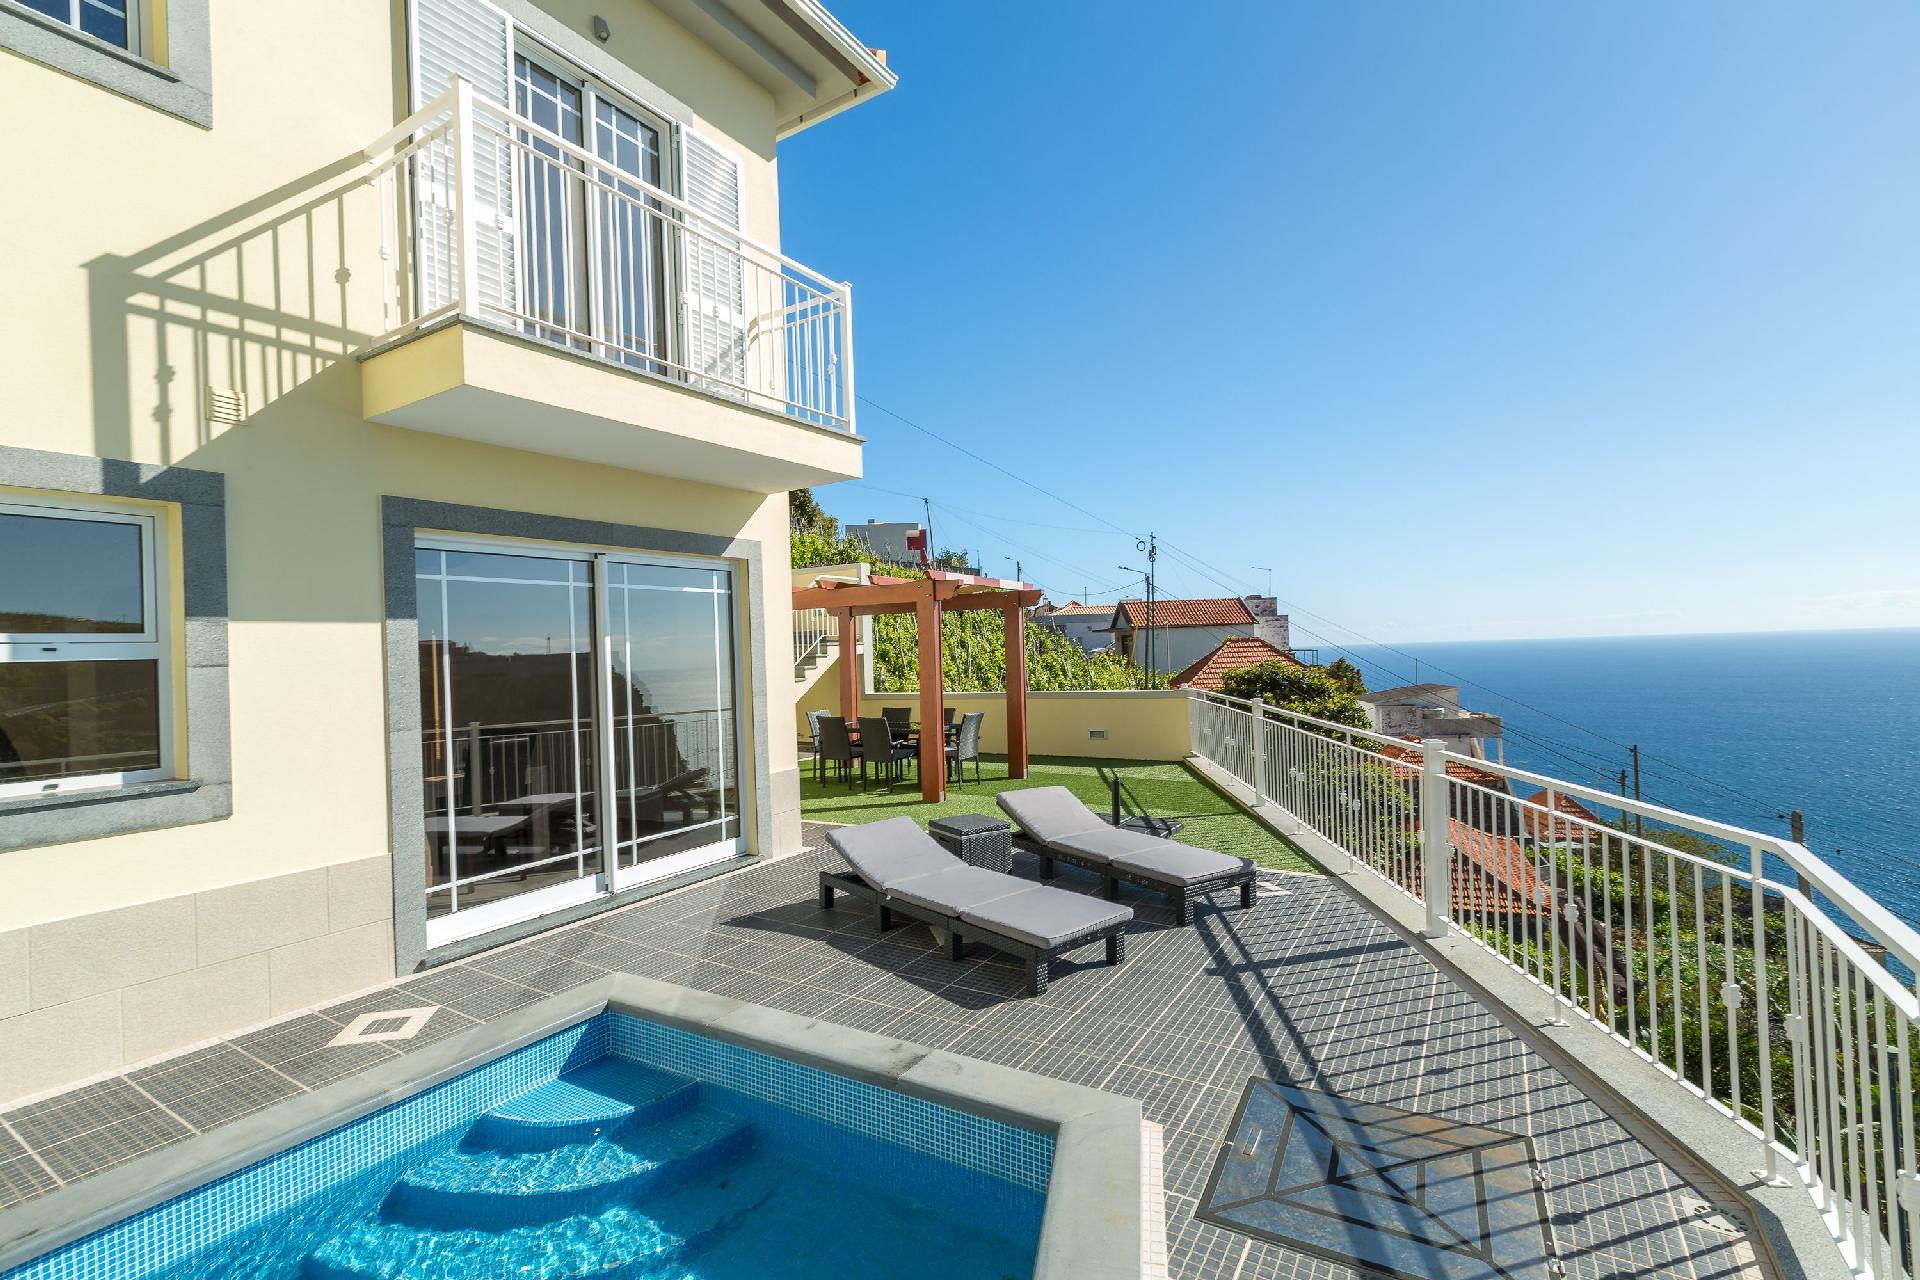 Ferienhaus mit Privatpool für 6 Personen ca.   in Portugal